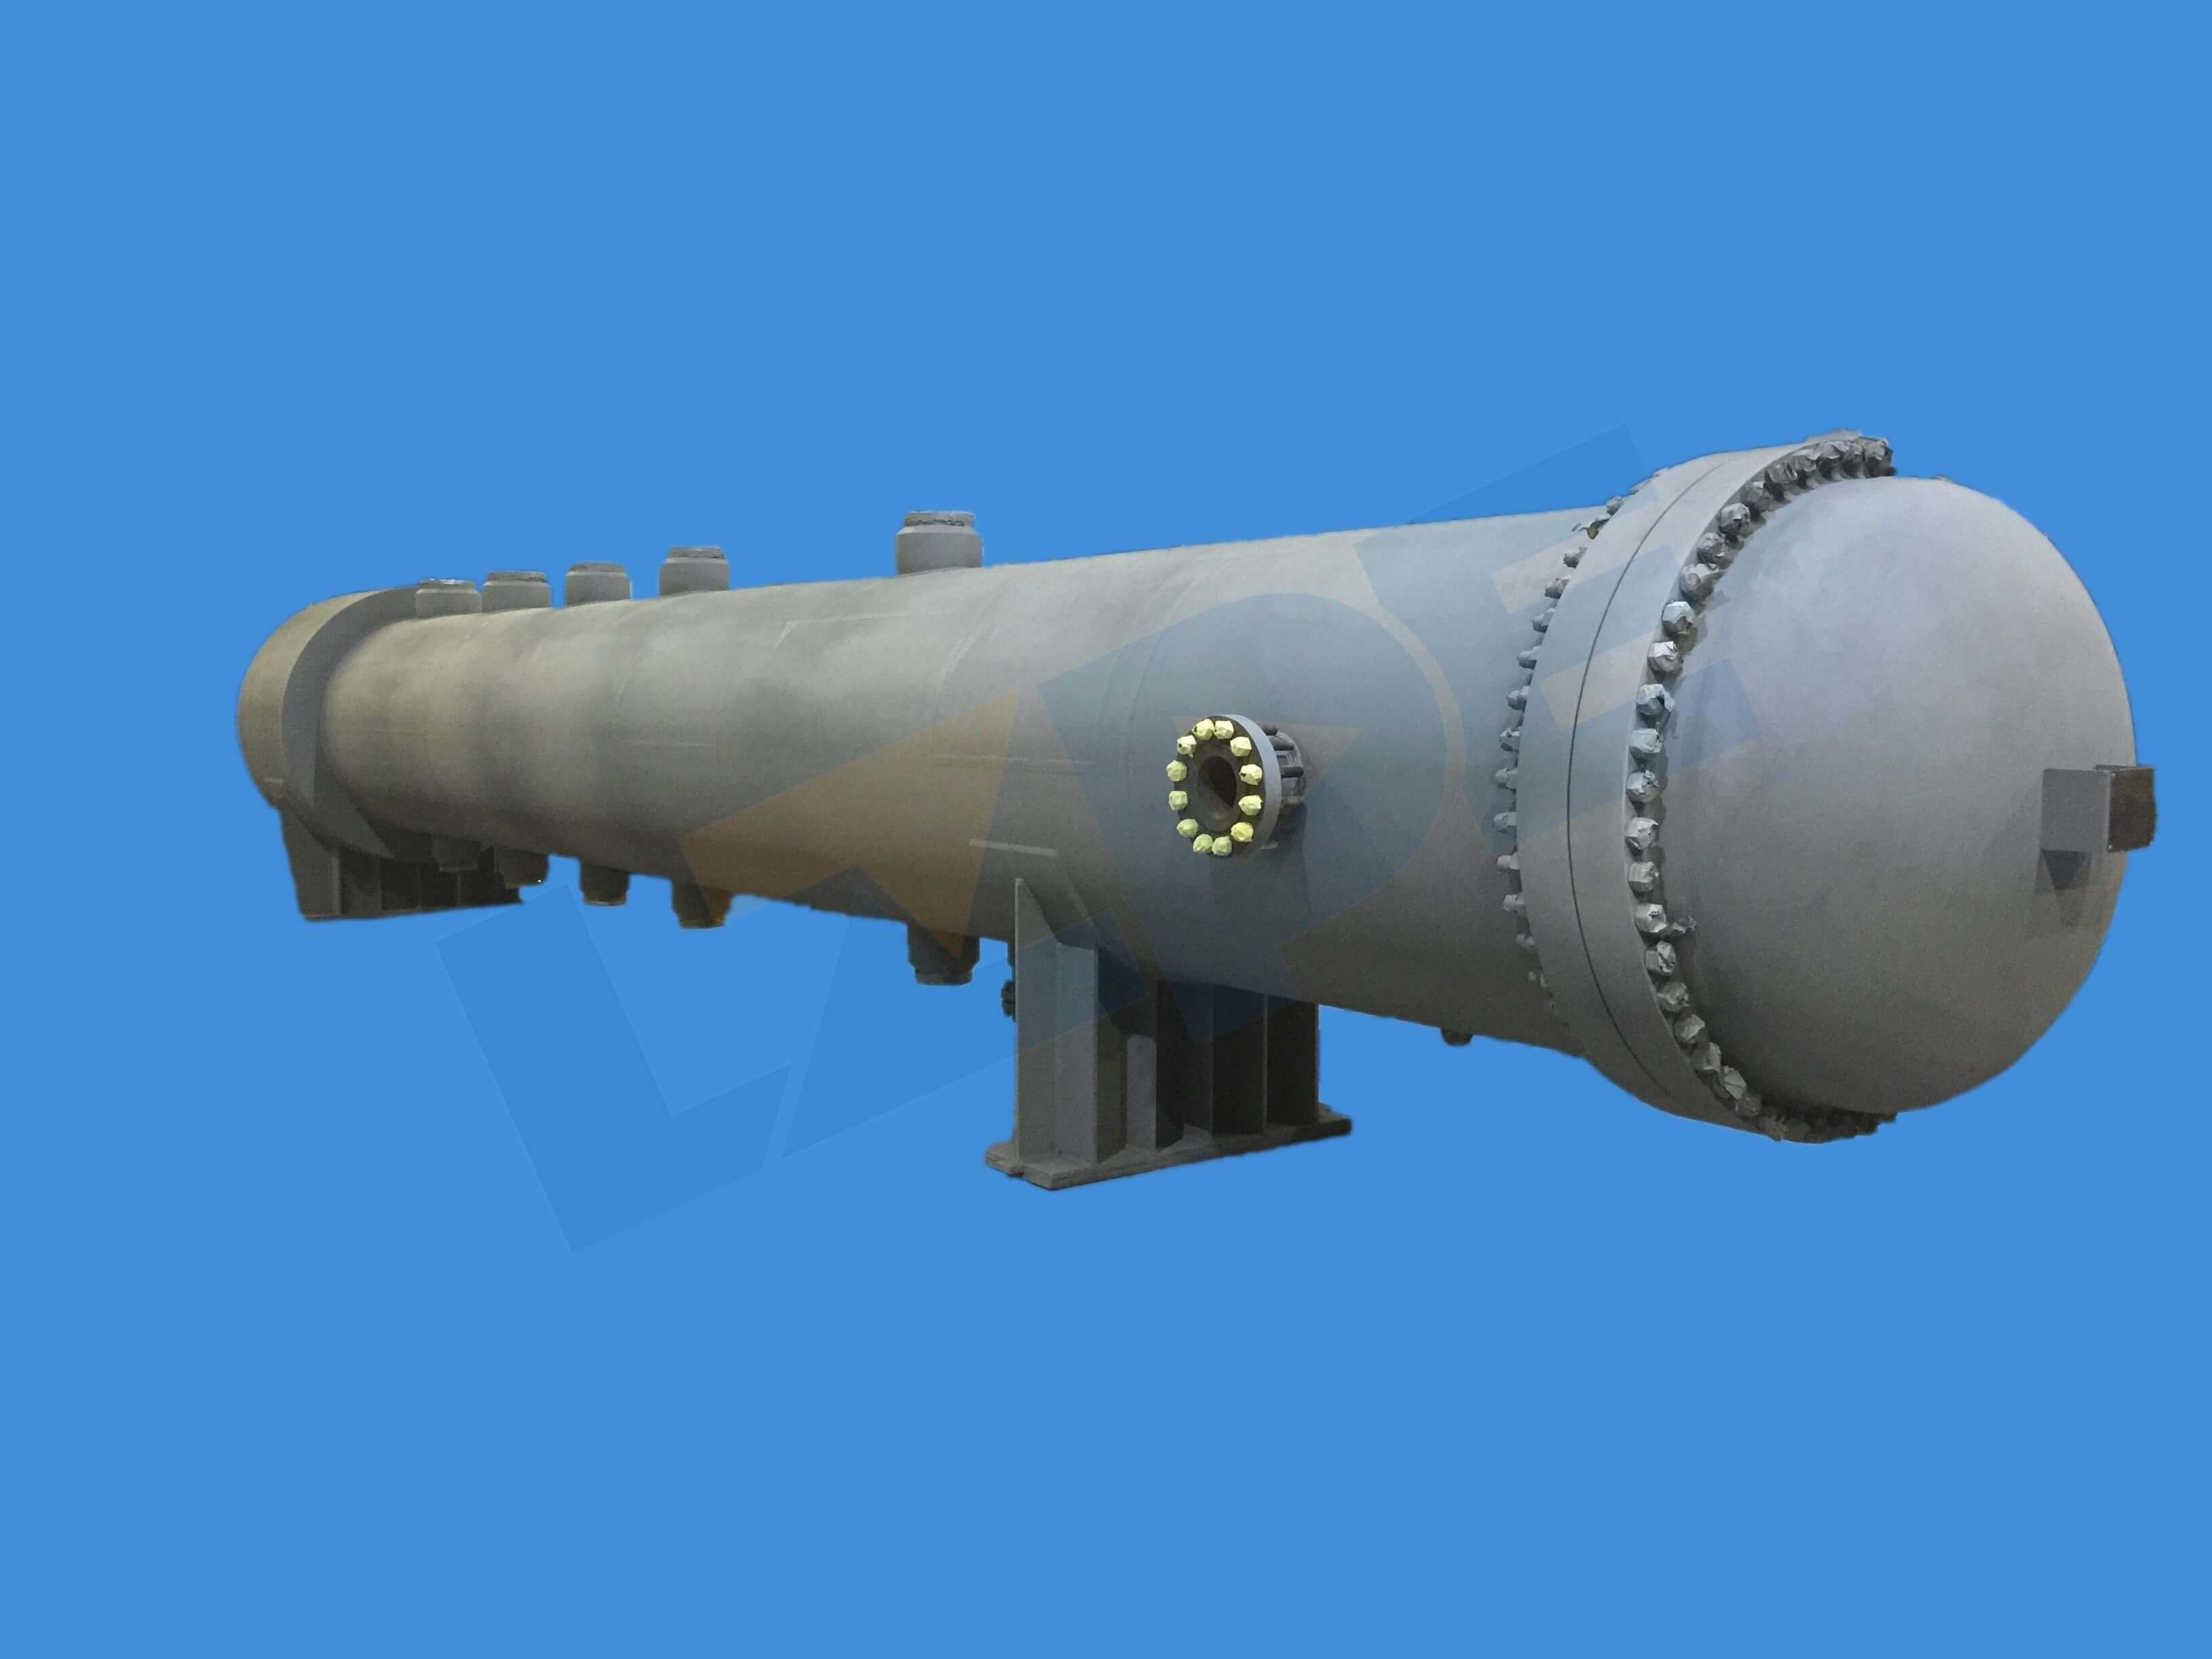 转化气蒸汽发生器